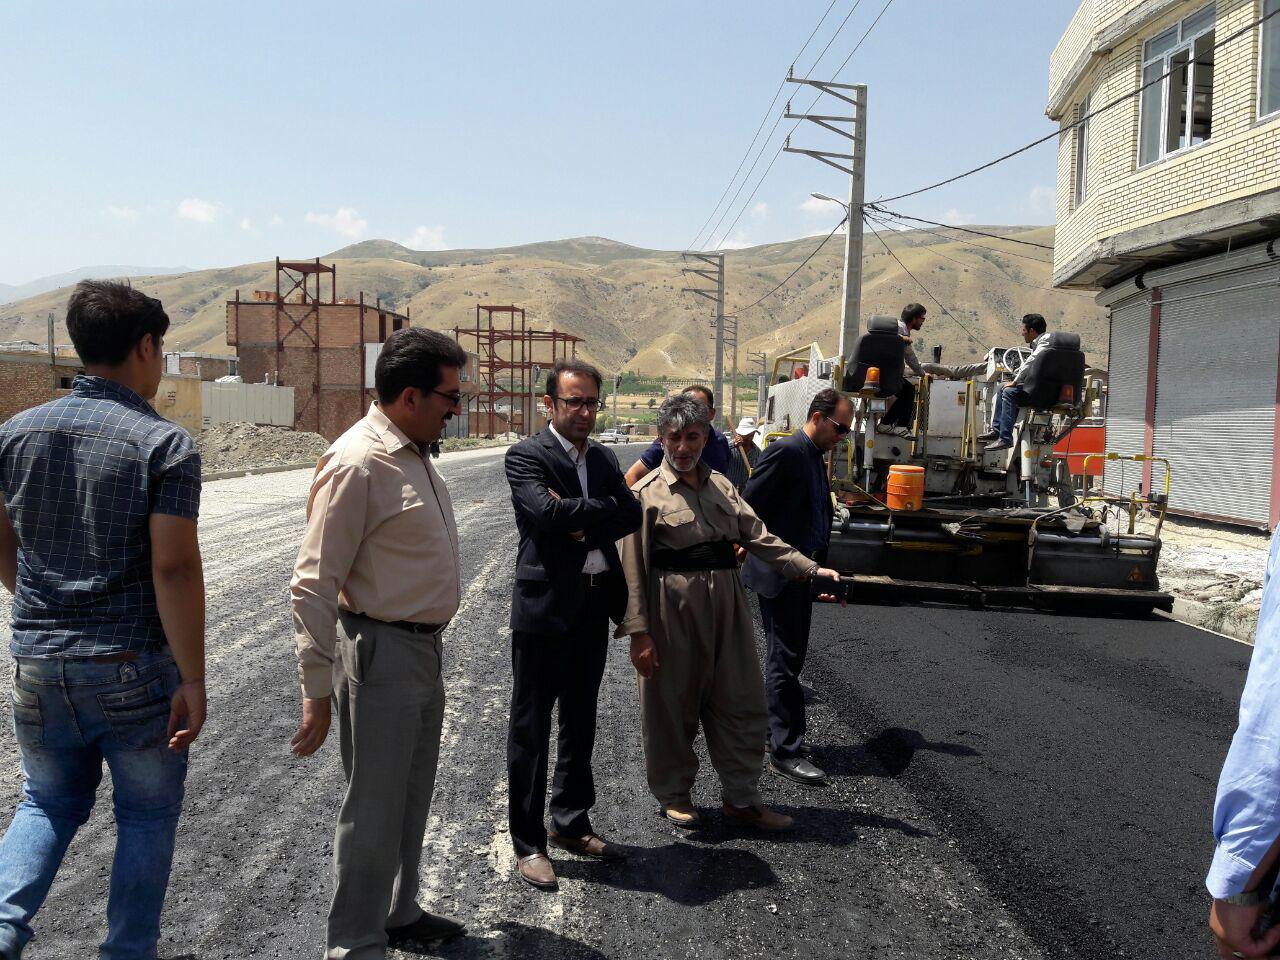 بازدید اعضای شورای اسلامی شهر و معاونت محترم شهرداری از پروژه های عمرانی شهرداری پیرانشهر